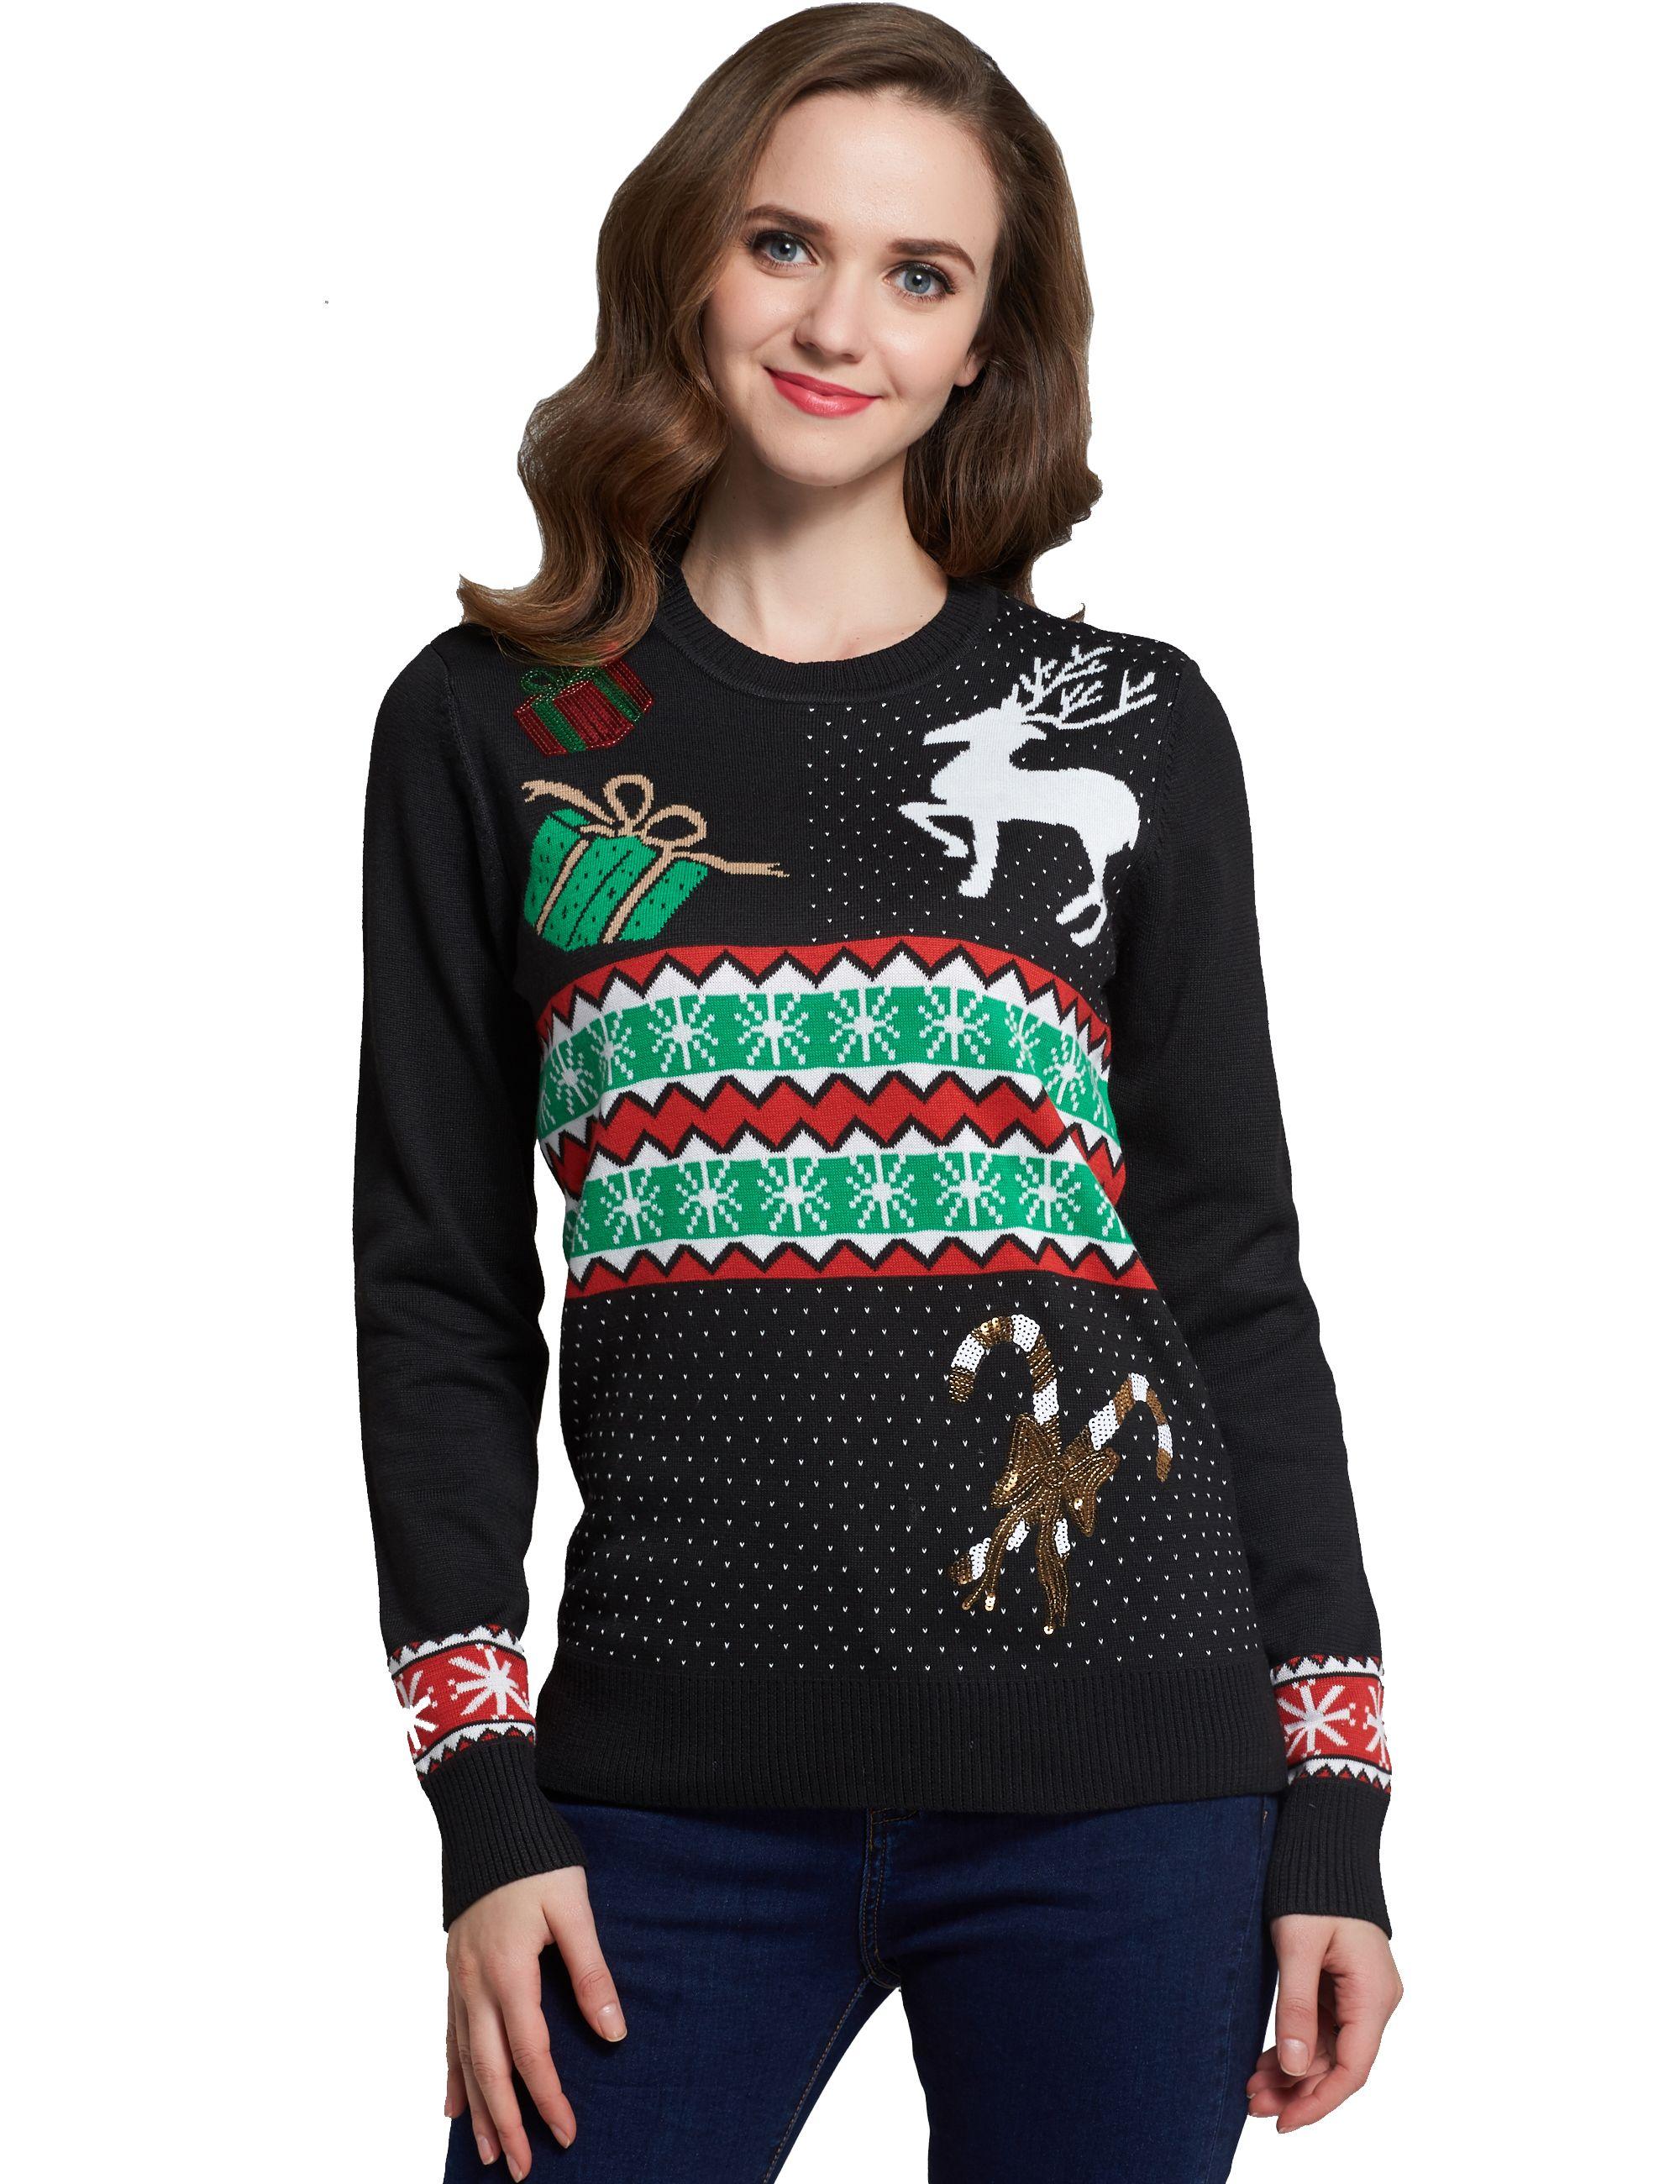 Women Reindeer Black Ugly Christmas Sweater Black Sweater Reindeer